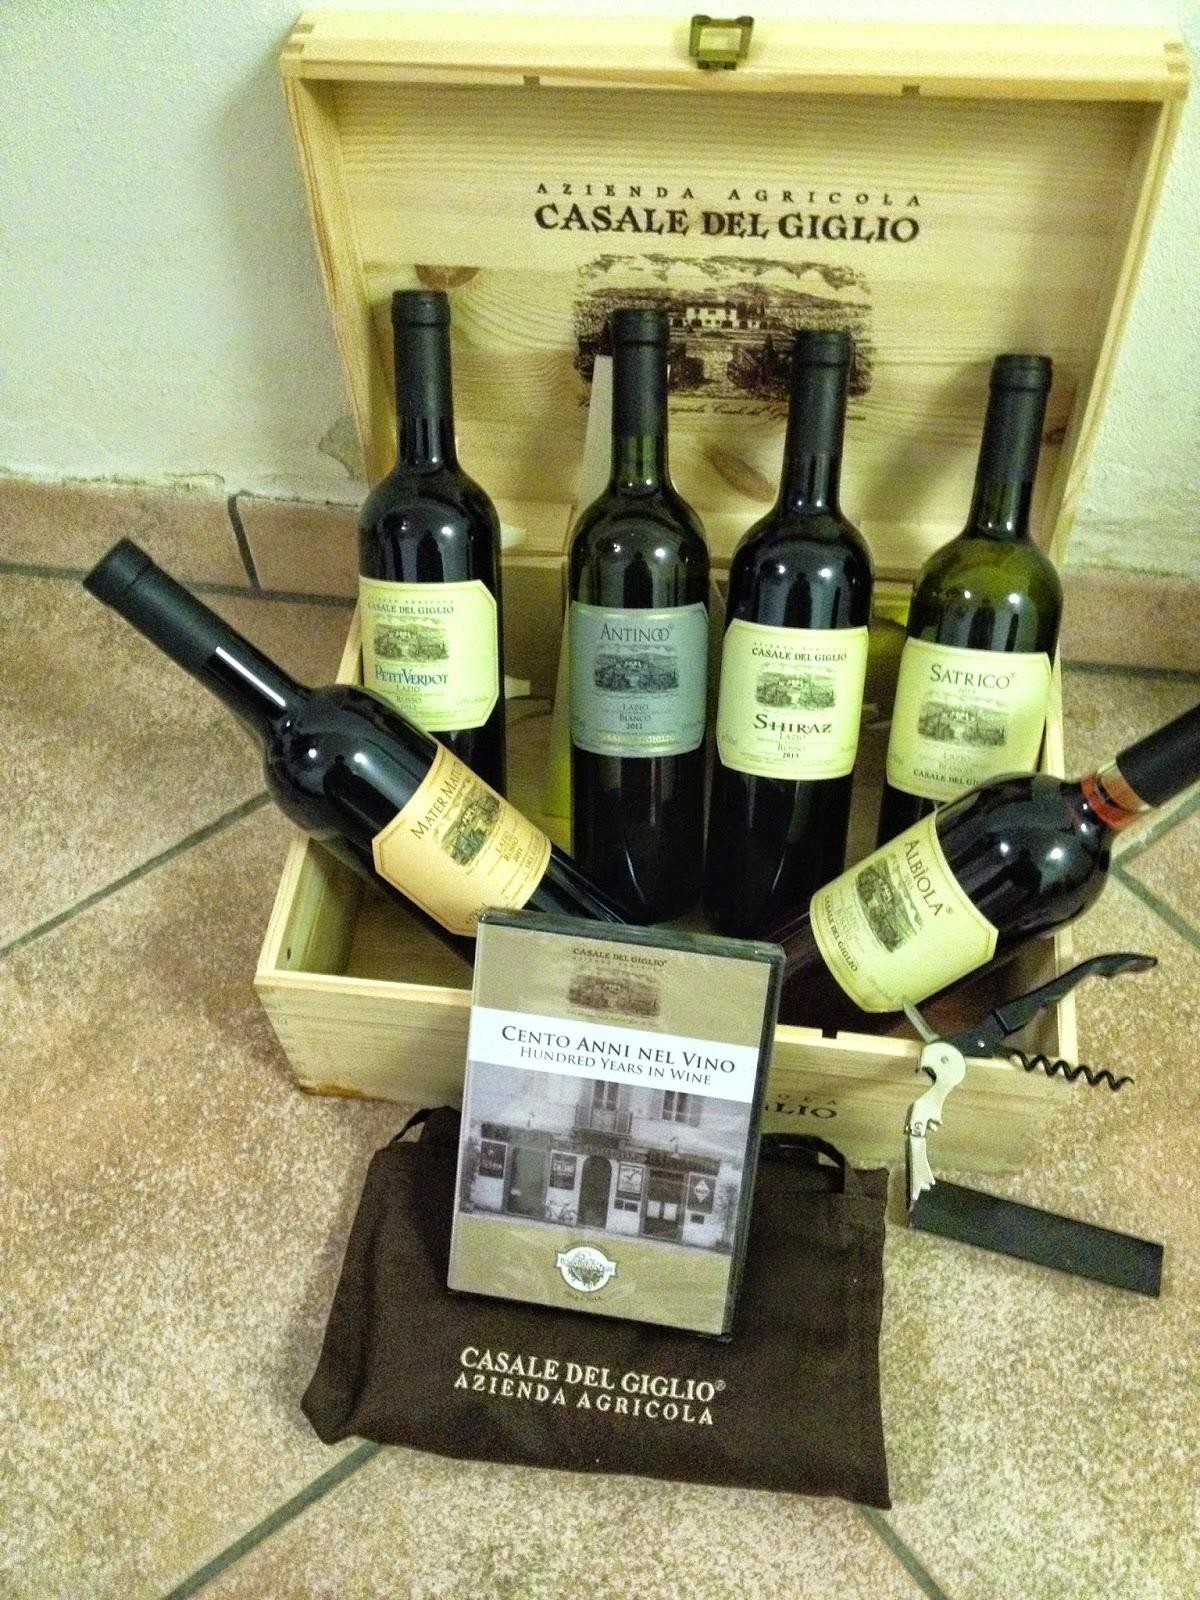 http://www.casaledelgiglio.it/casale-del-giglio/